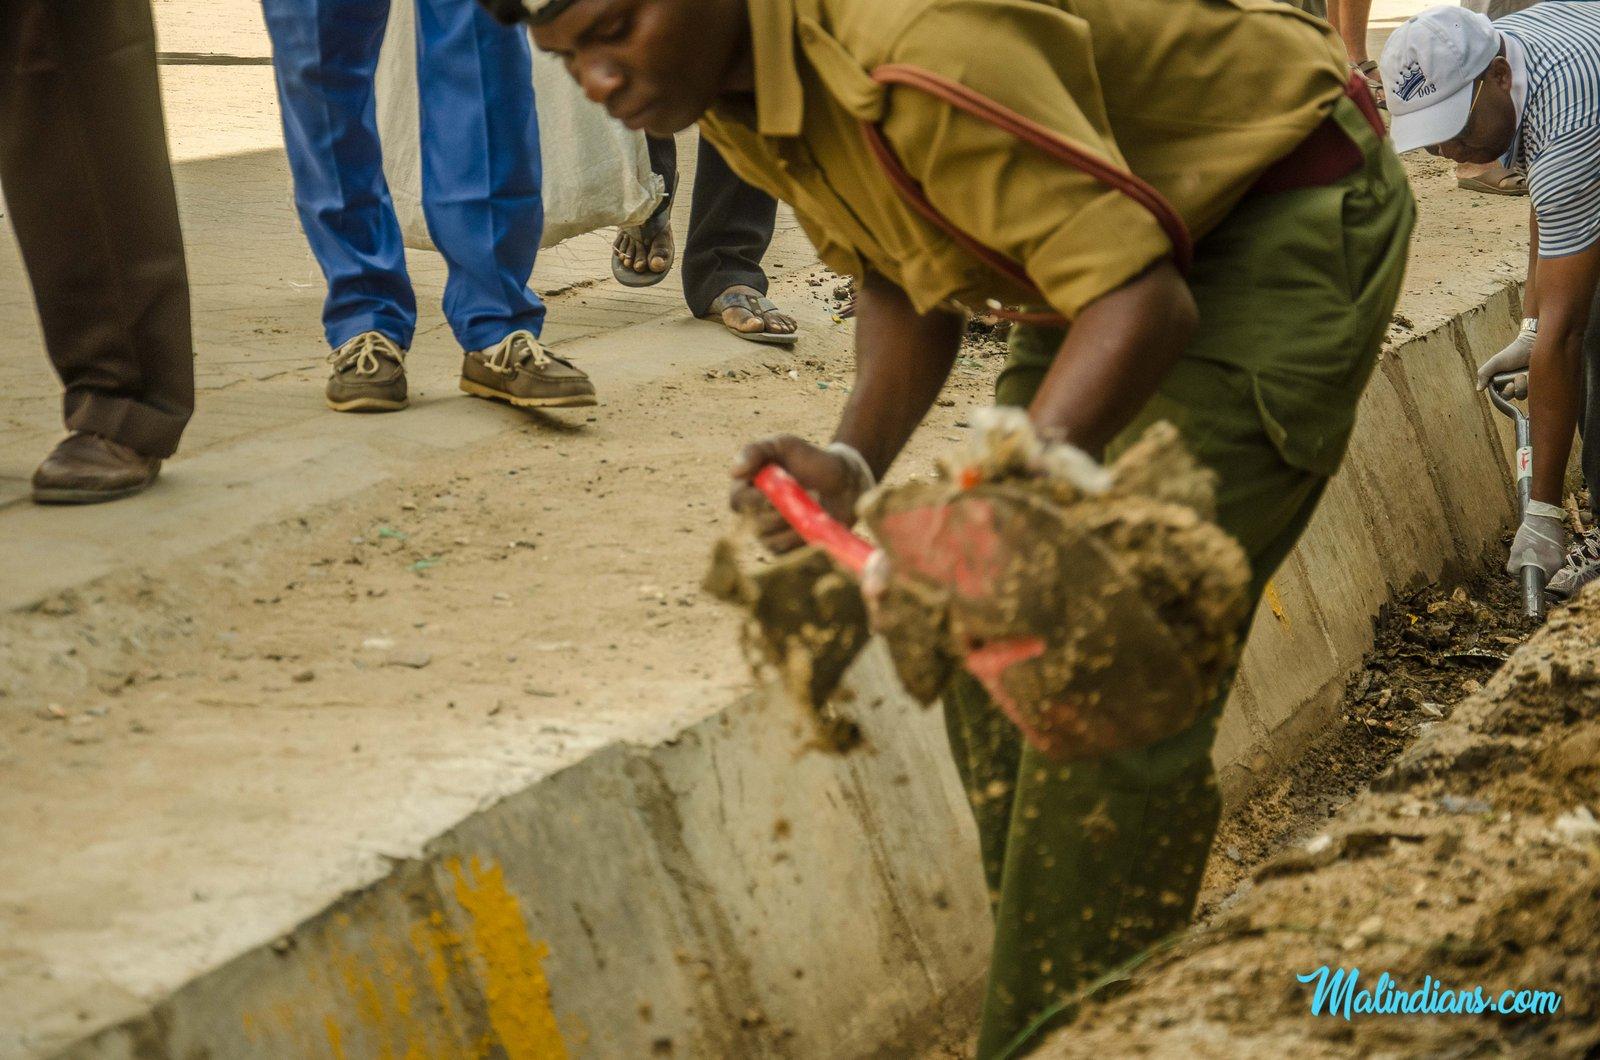 Malindi Town Clean up Kisumu Ndogo 90 - Malindi Town Clean-up in Kisumu Ndogo ( Pictorial)